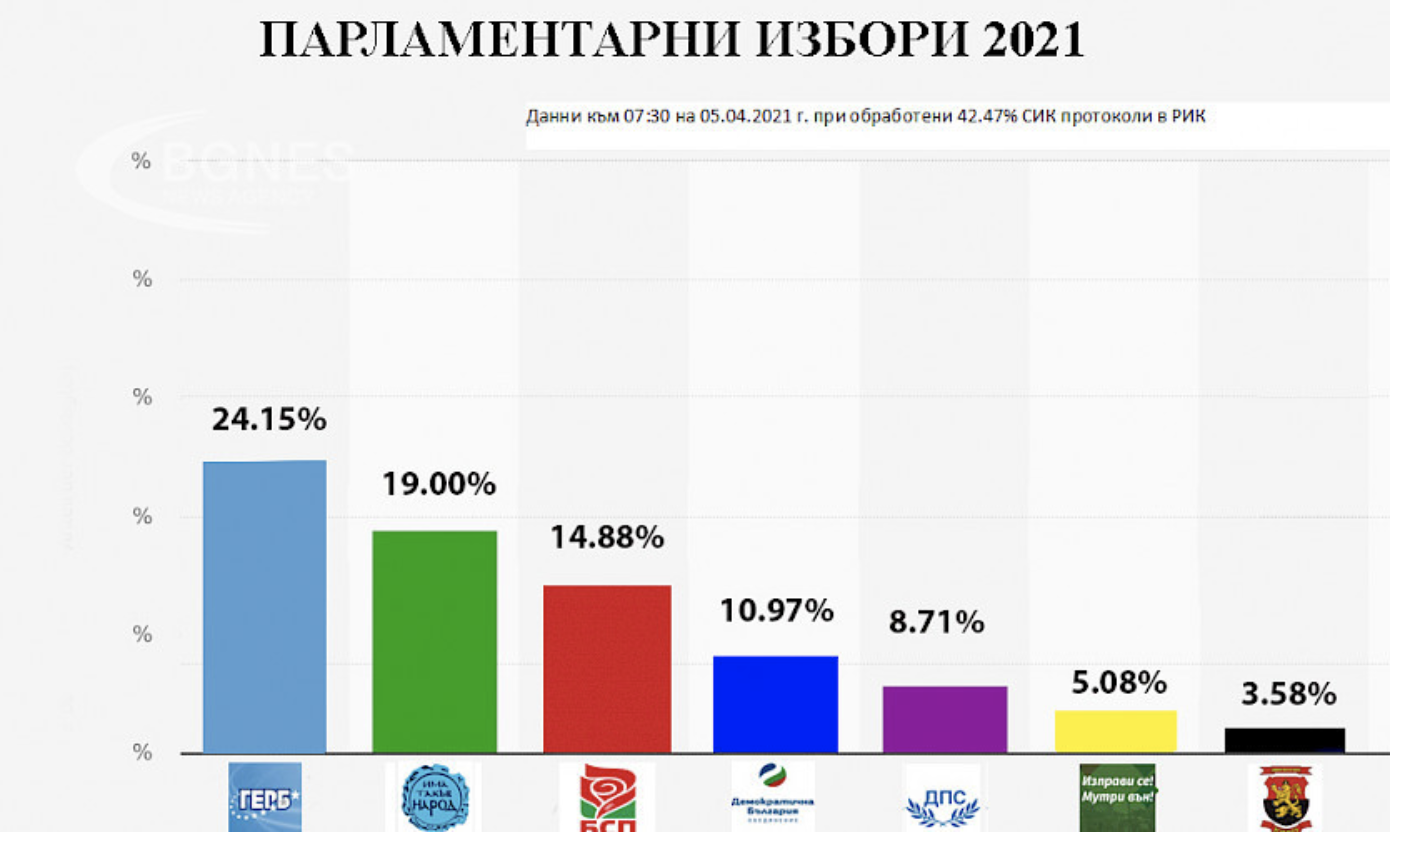 Βουλγαρία: Έξι κόμματα περνούν το κατώφλι της Βουλής με καταμετρημένο το 42,47% των ψήφων